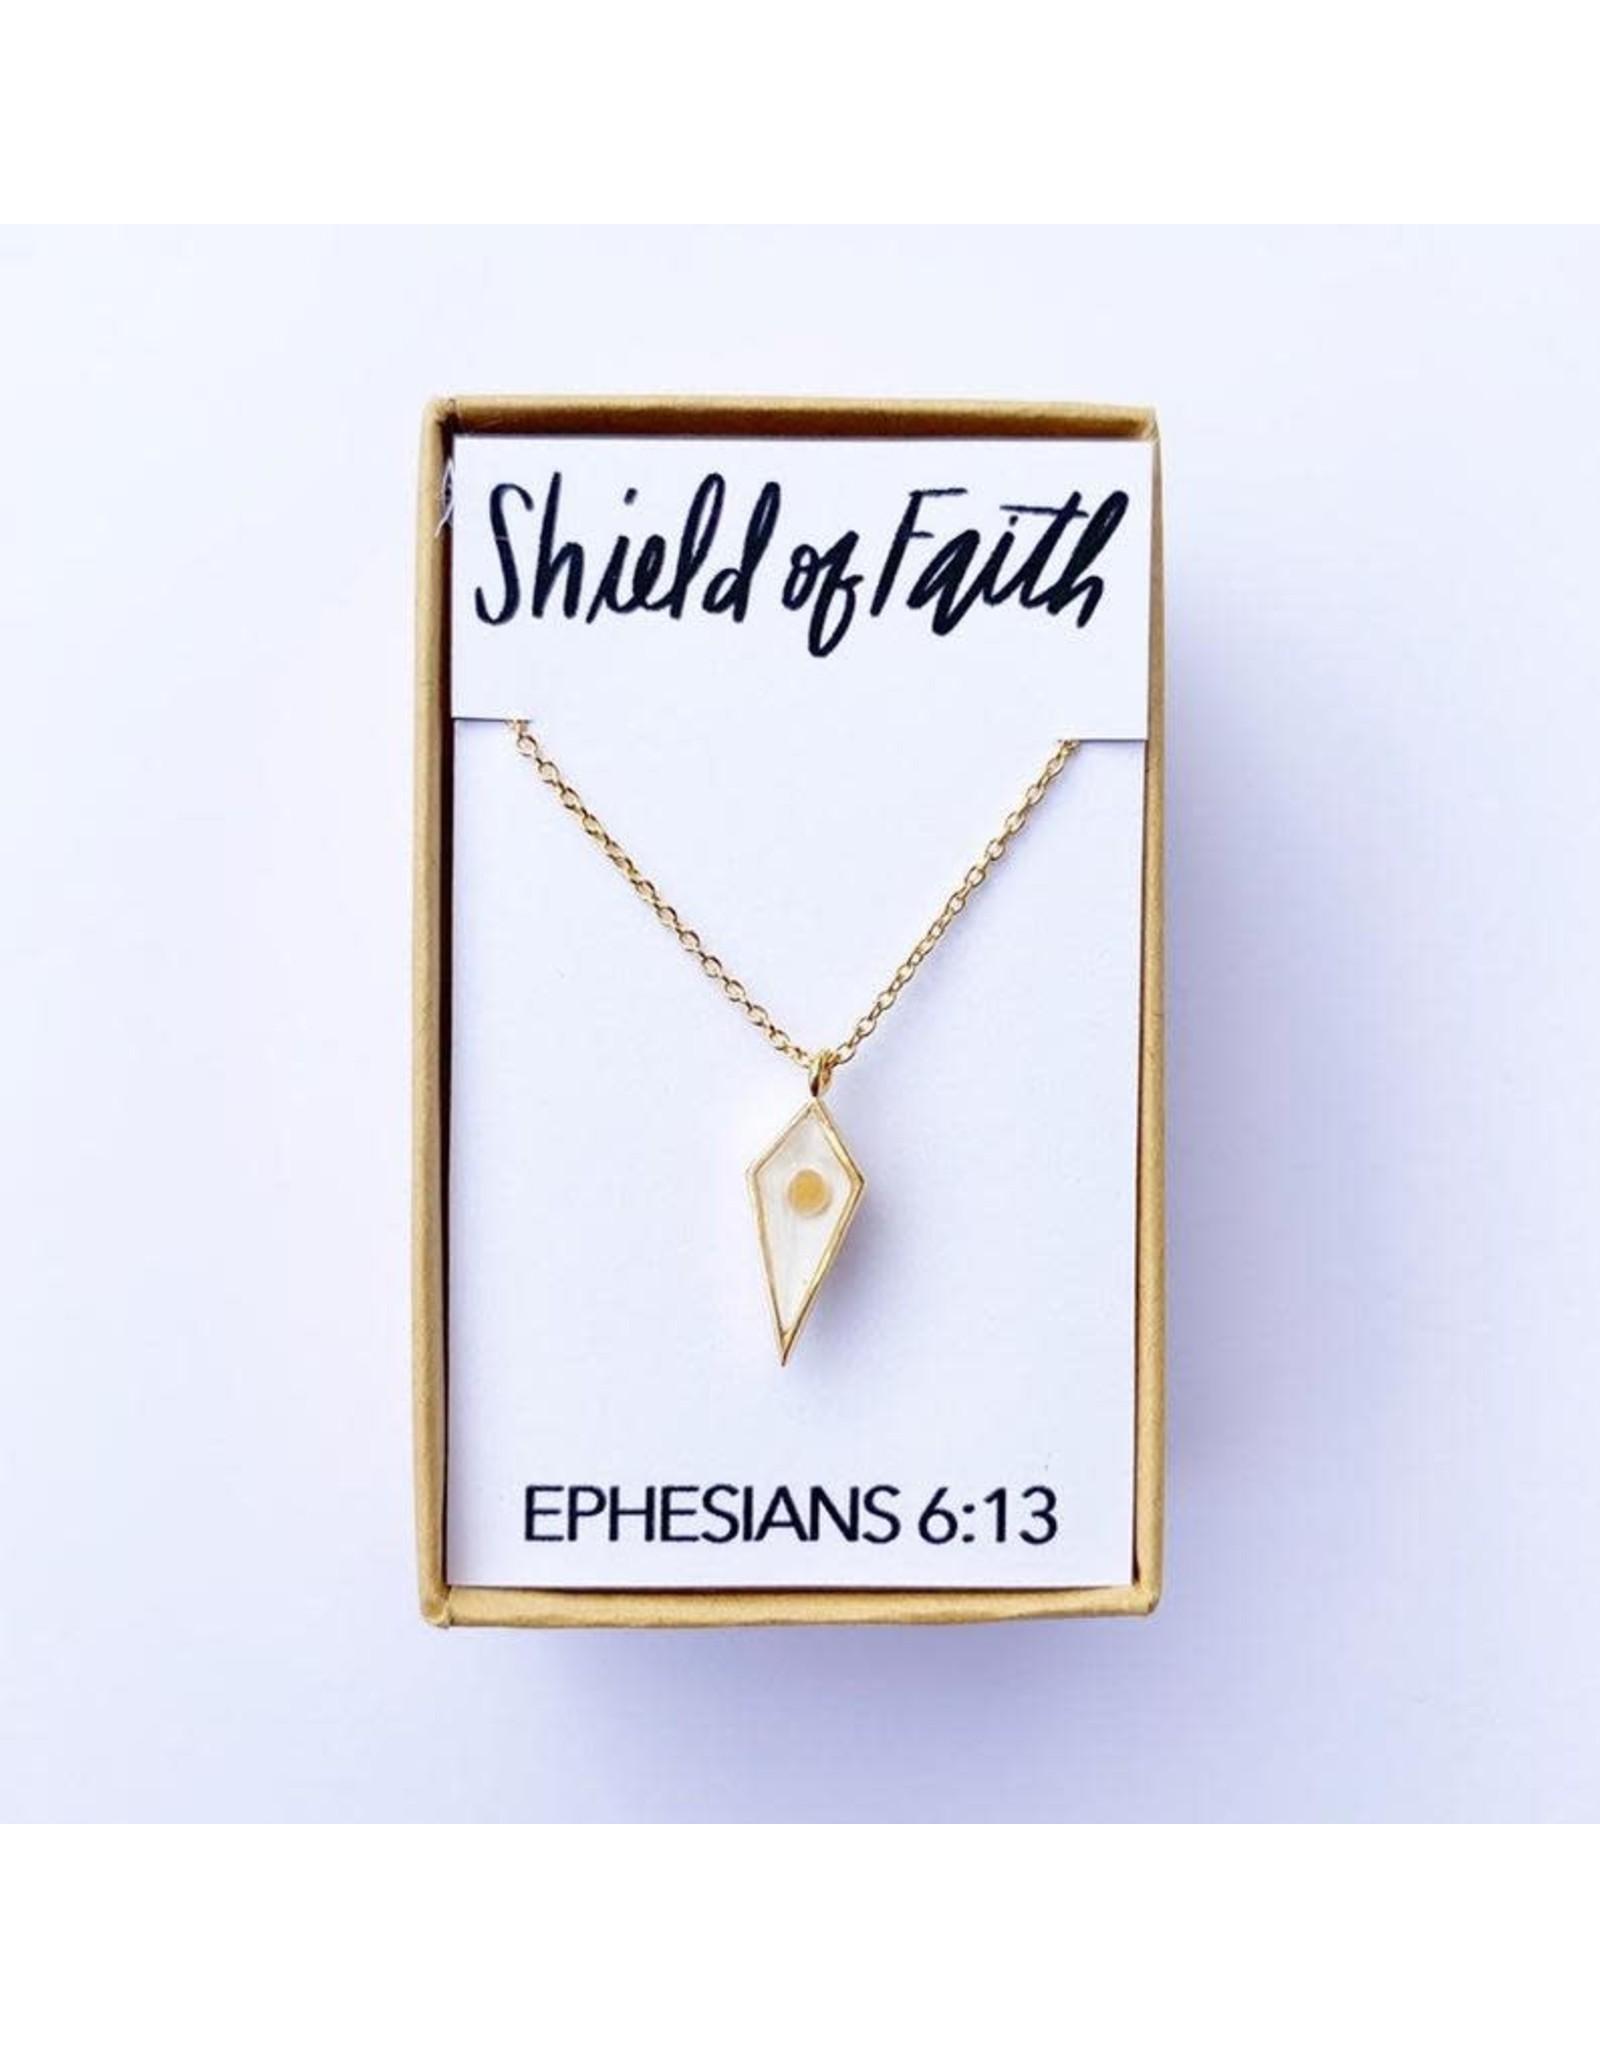 Bible Verse Necklace - Shield of Faith